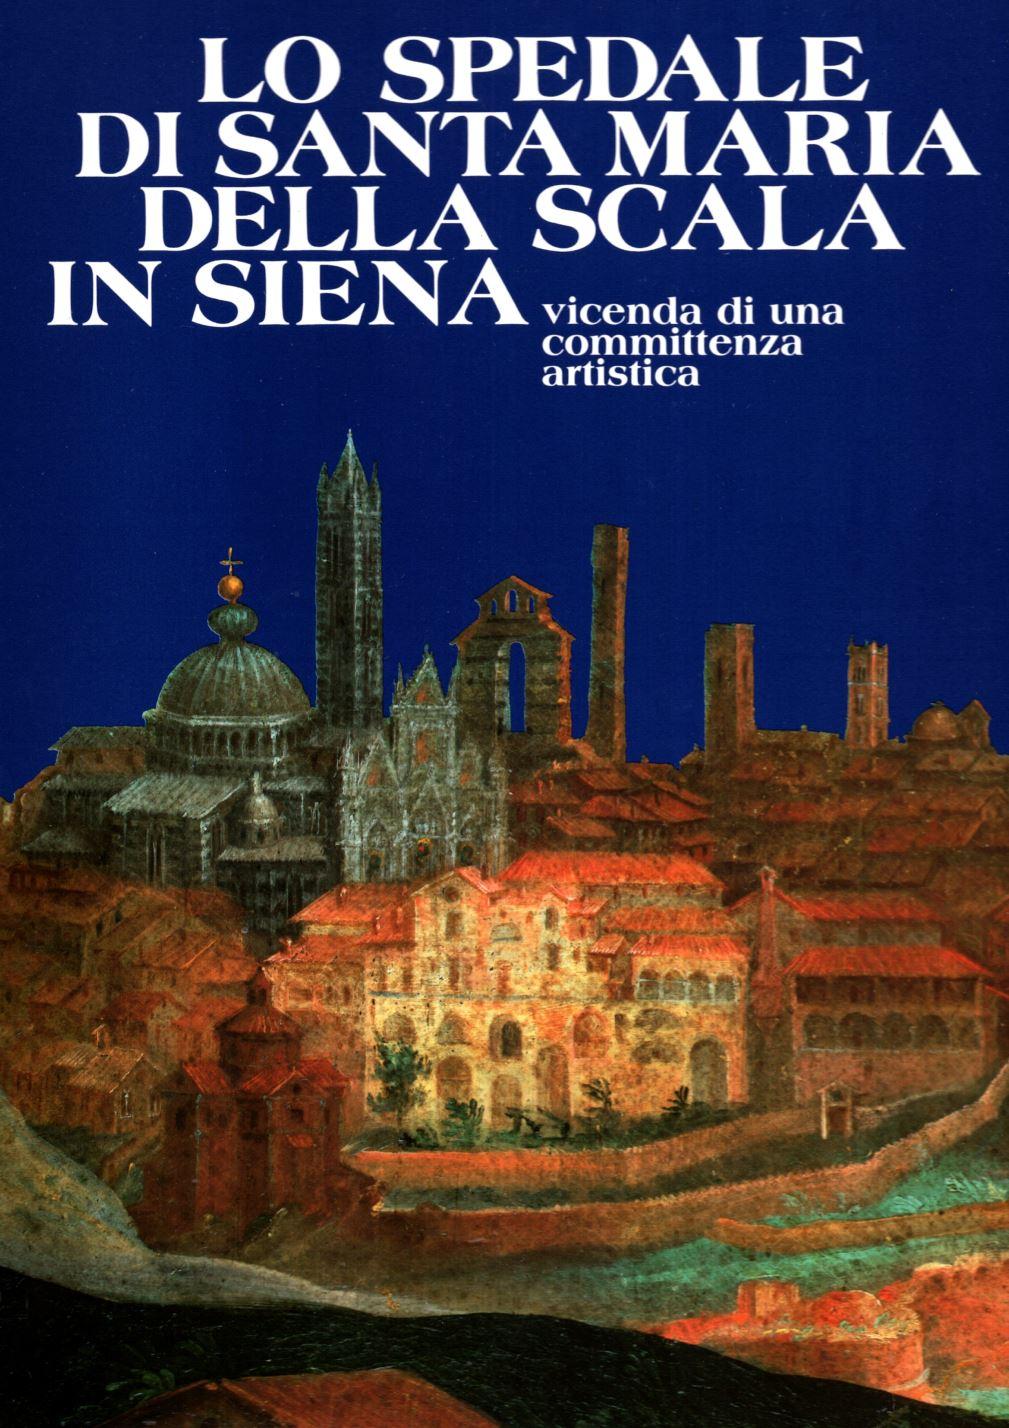 Lo Spedale Di Santa Maria Della Scala In Siena Vicenda Di Una Committenza Artistica  Daniela